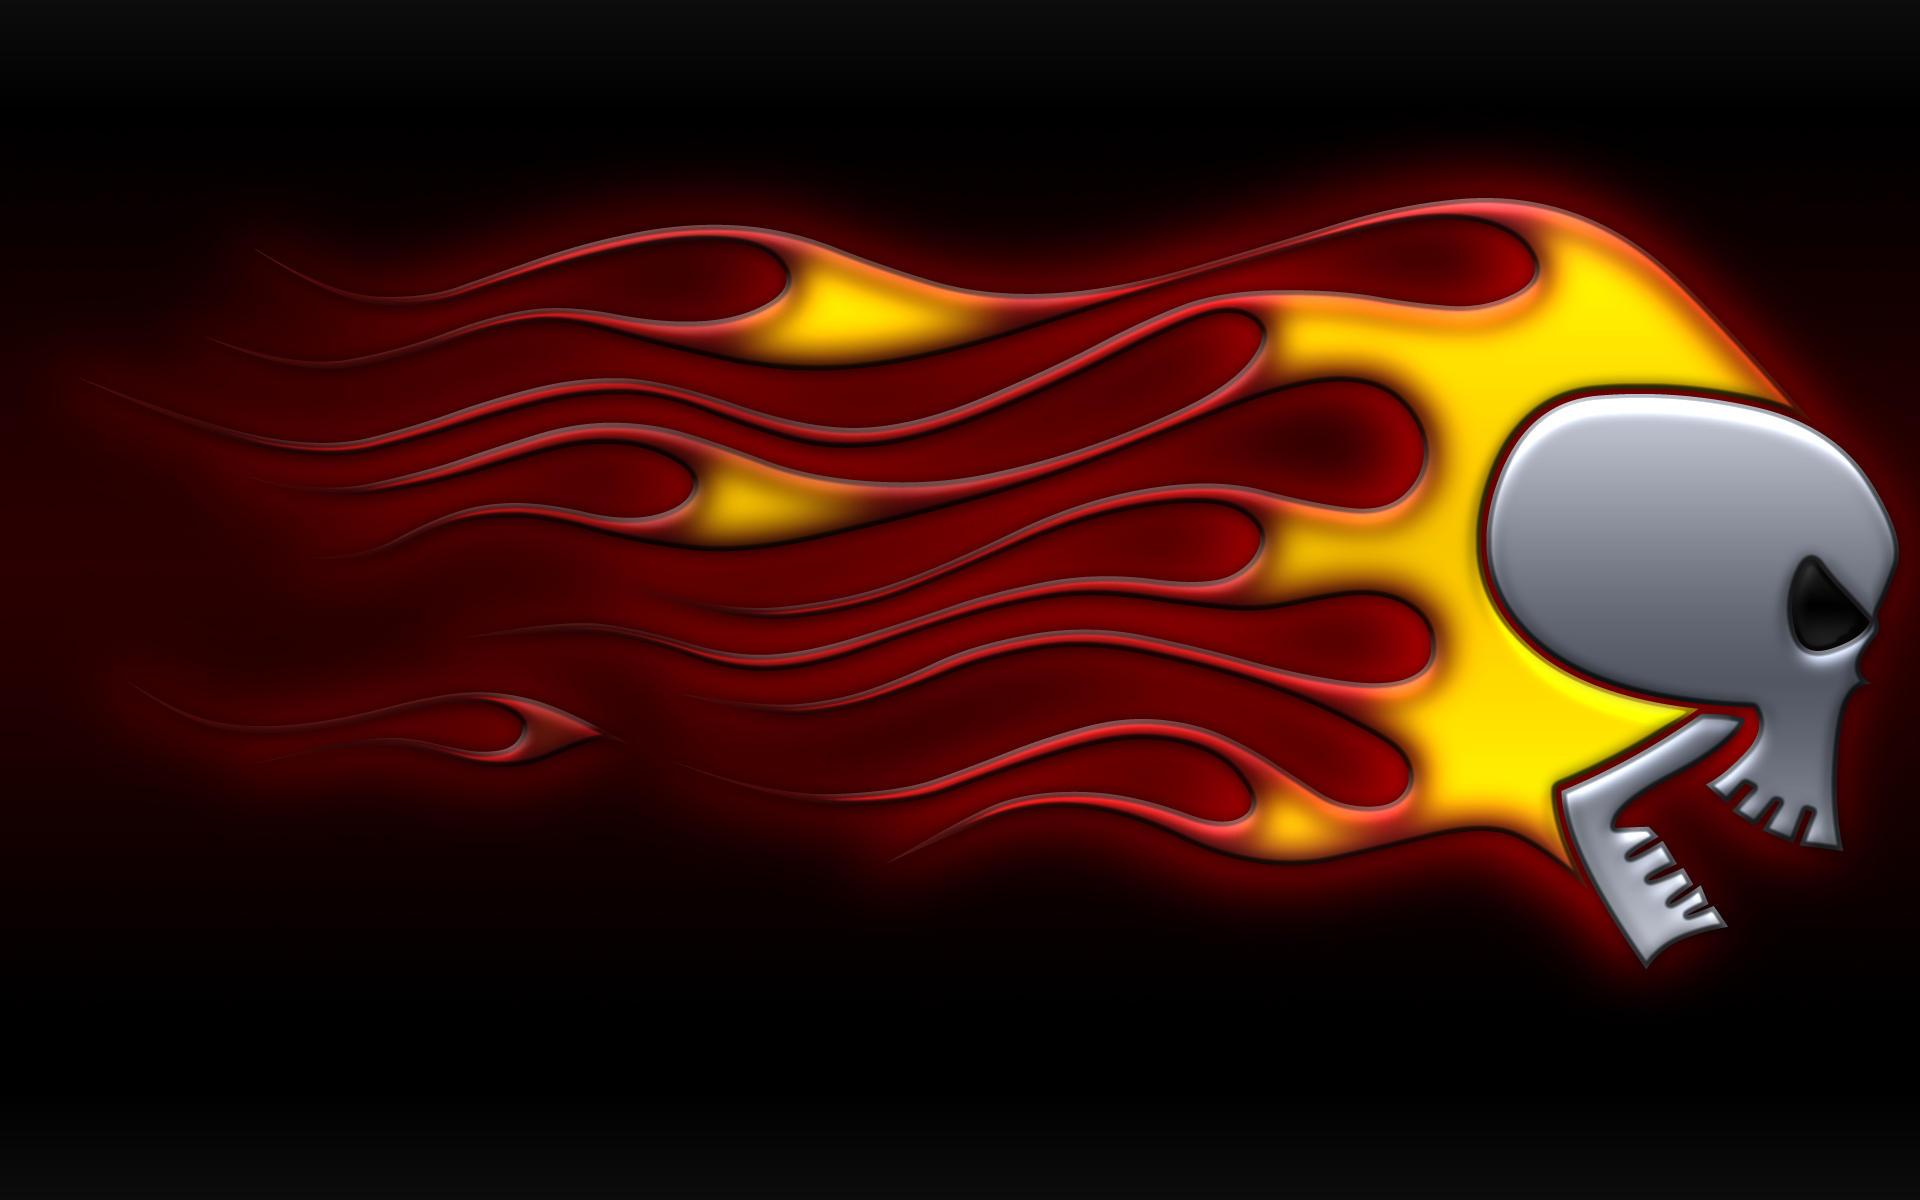 flaming skull black widescreen by jbensch